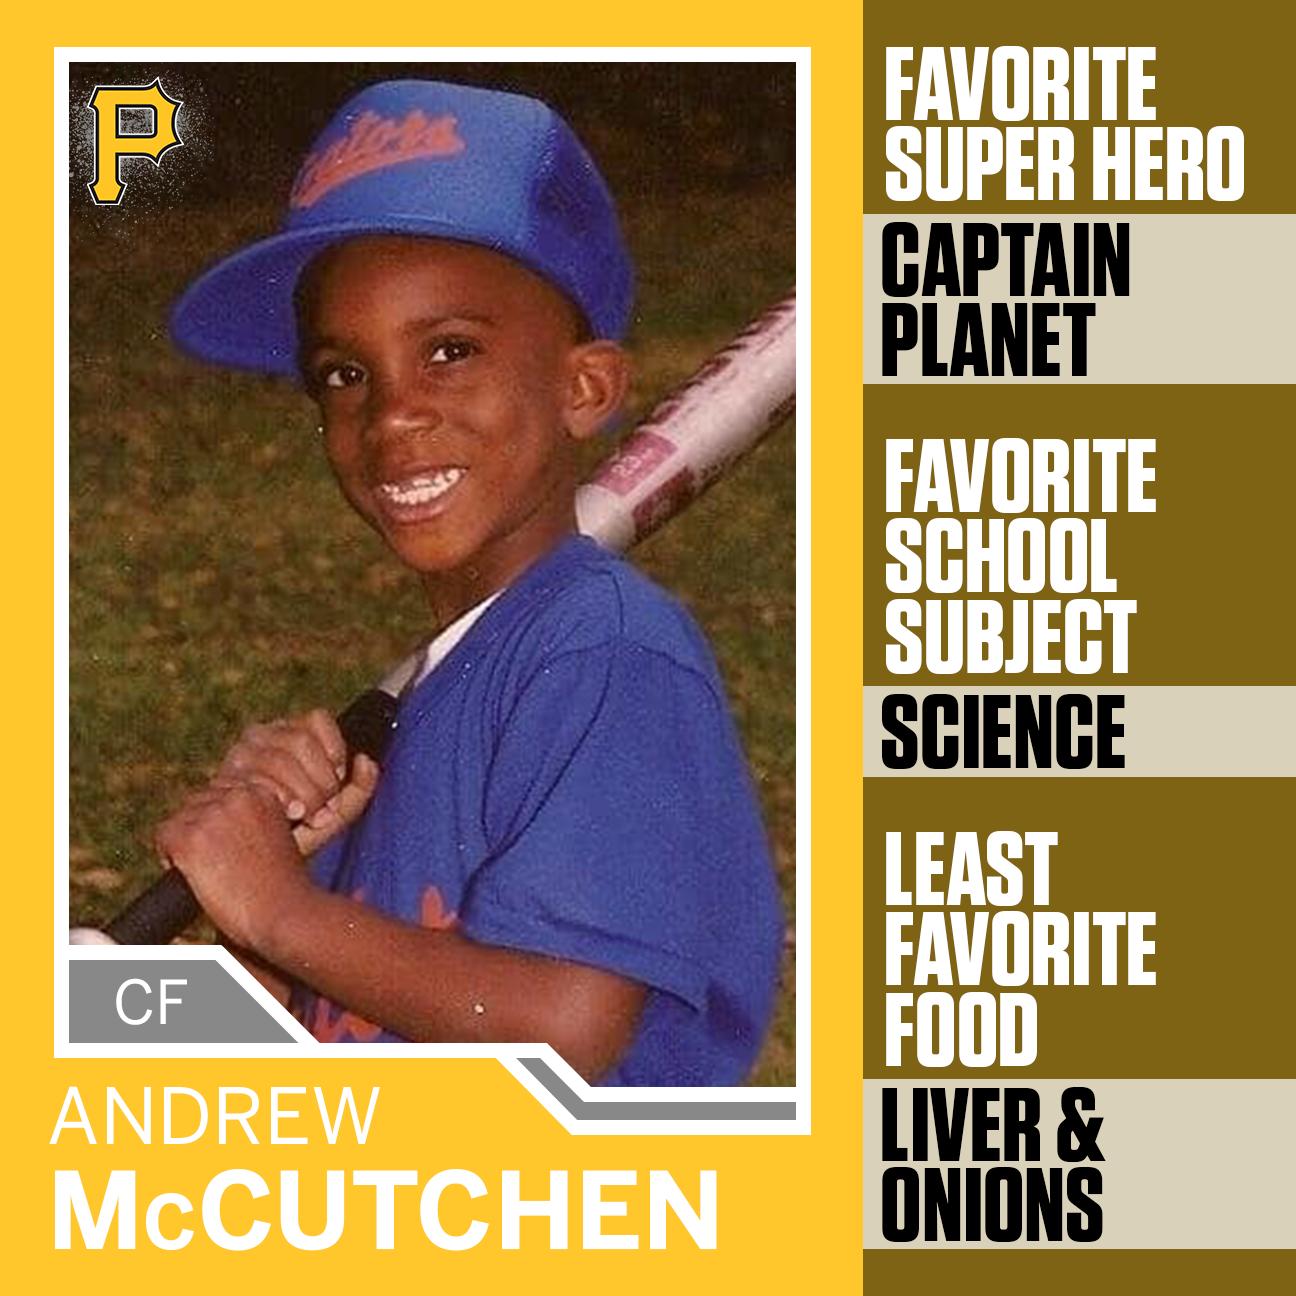 McCutchen